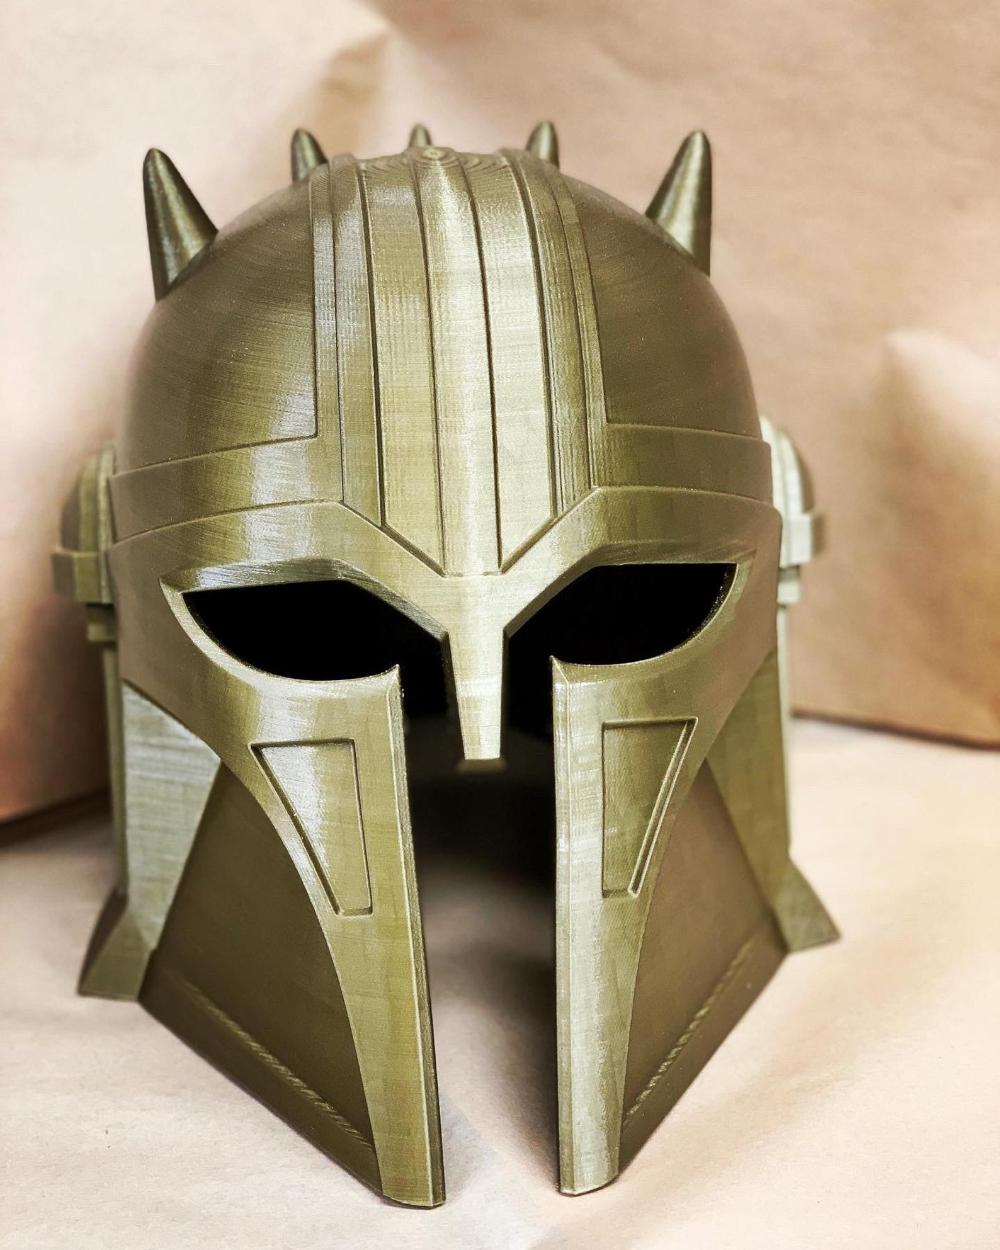 Шлем, напечатанный на 3D принтере для костюма Colsplay